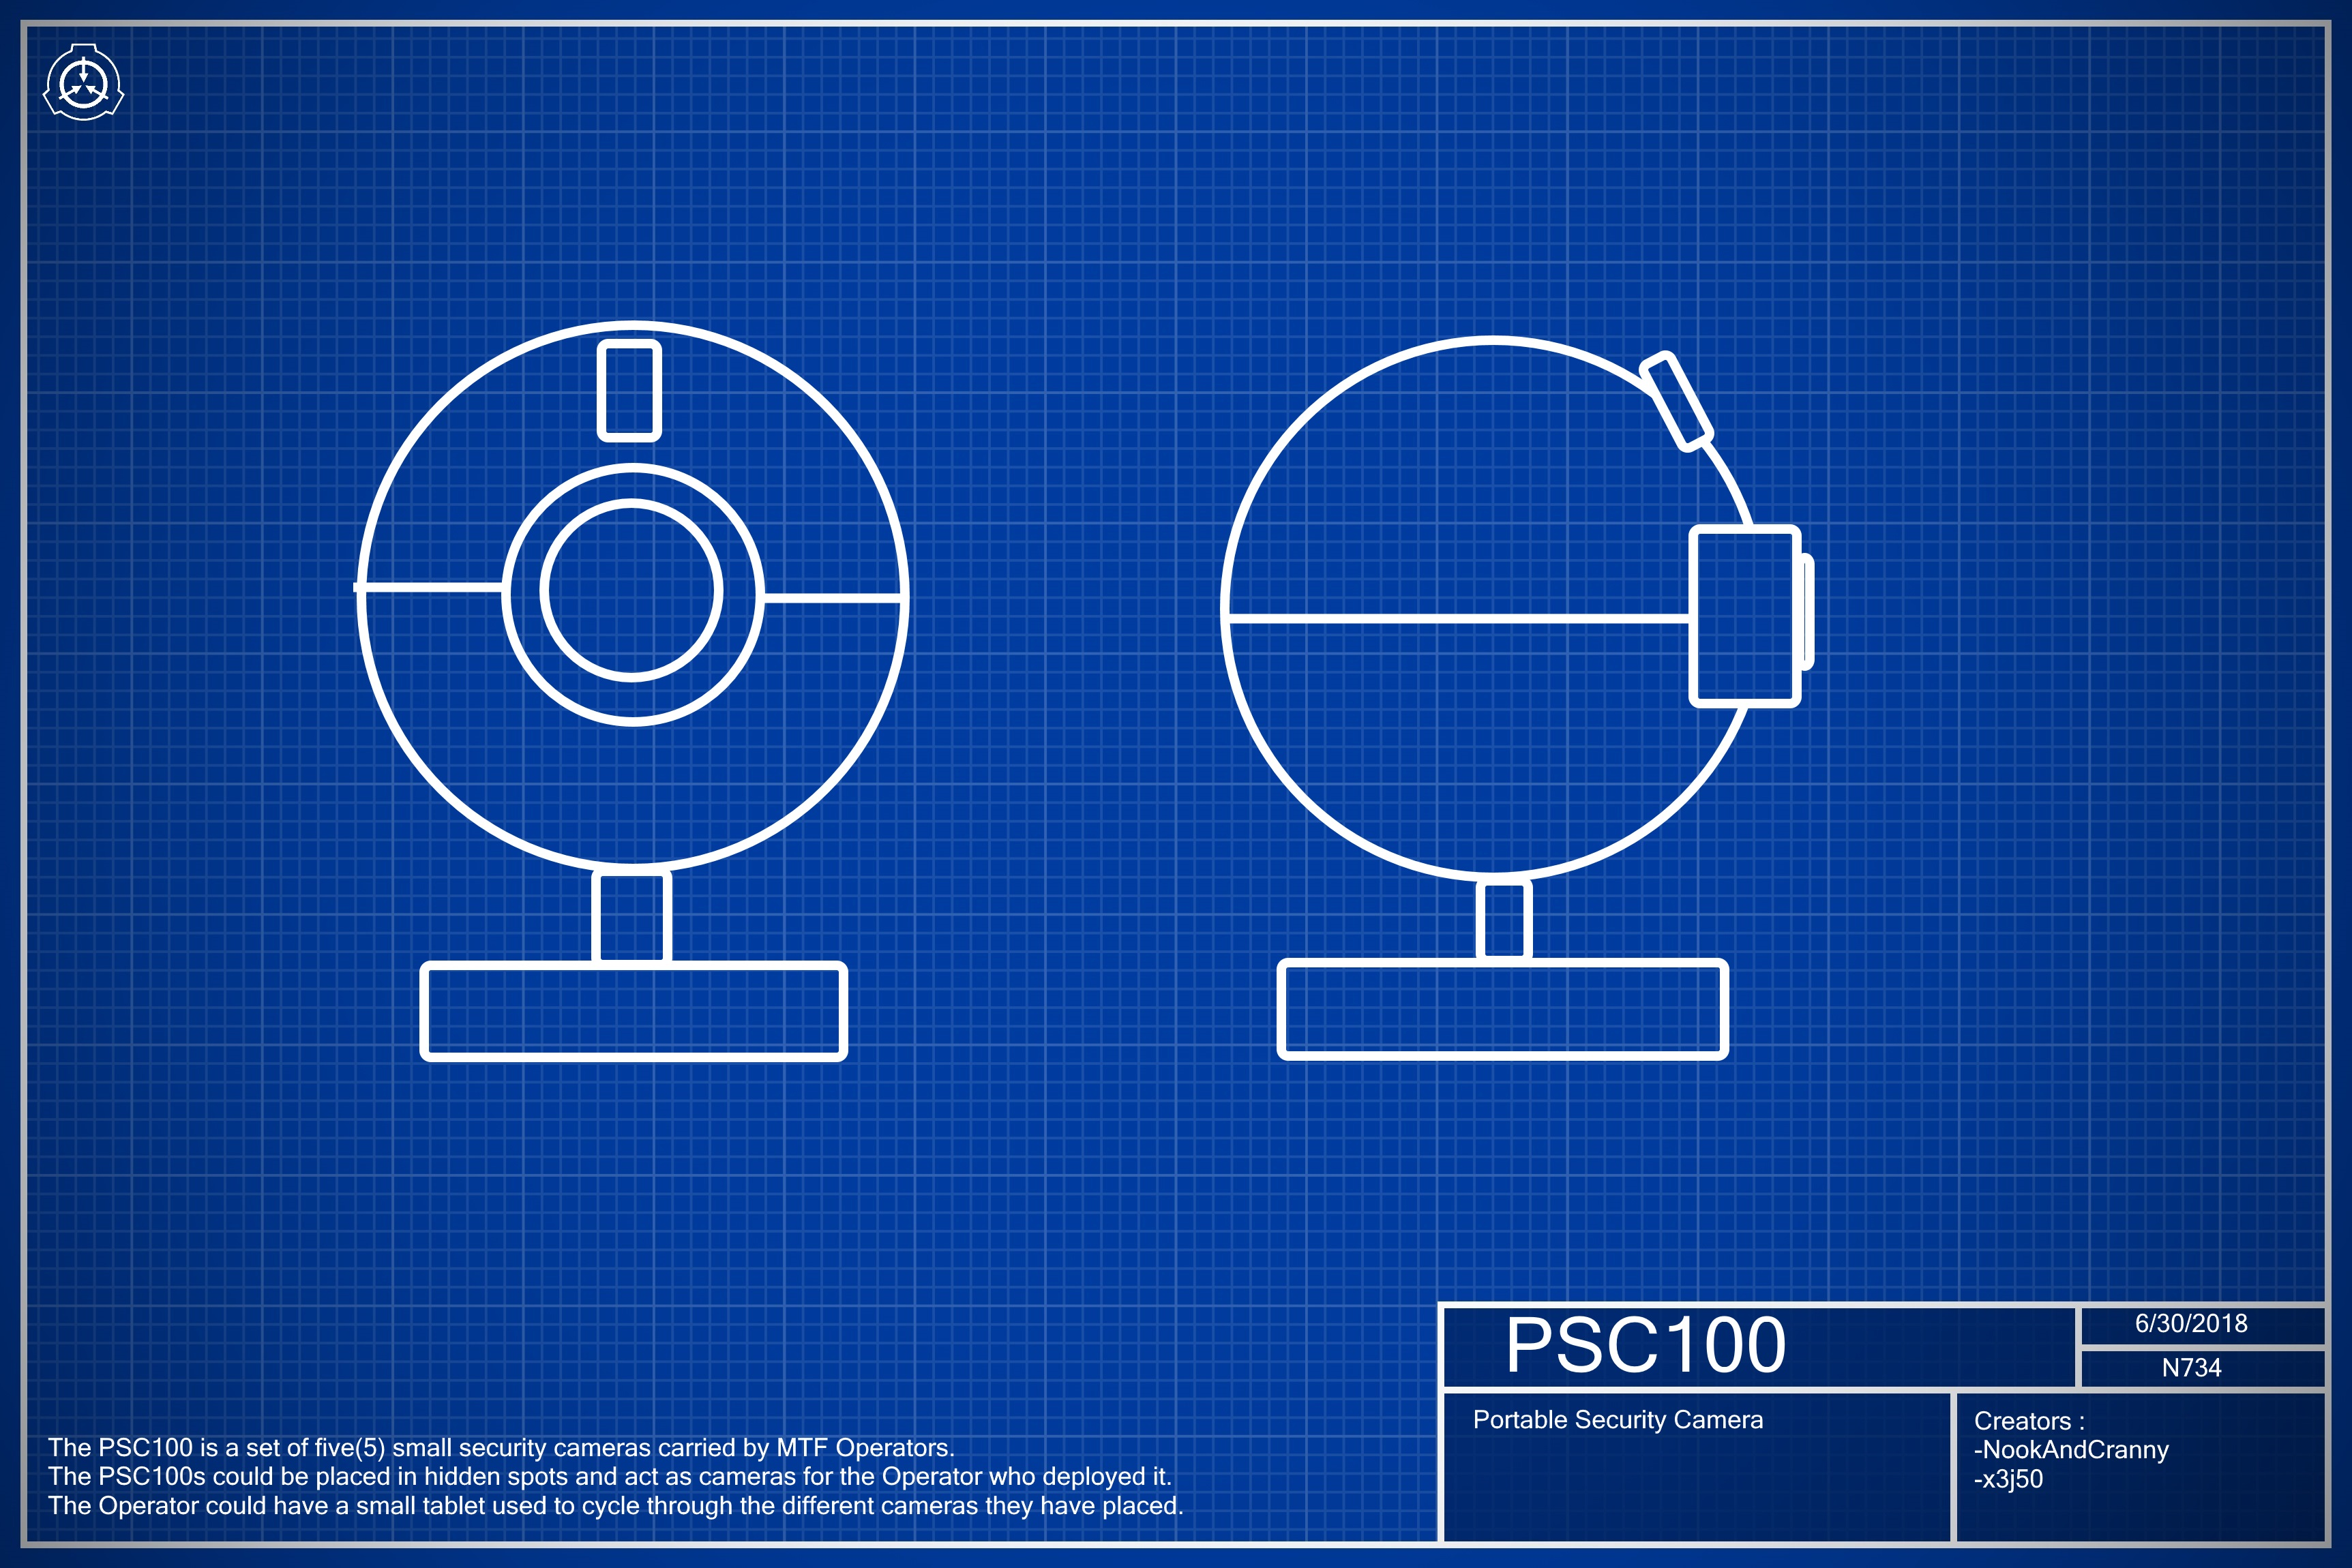 PSC100.jpg